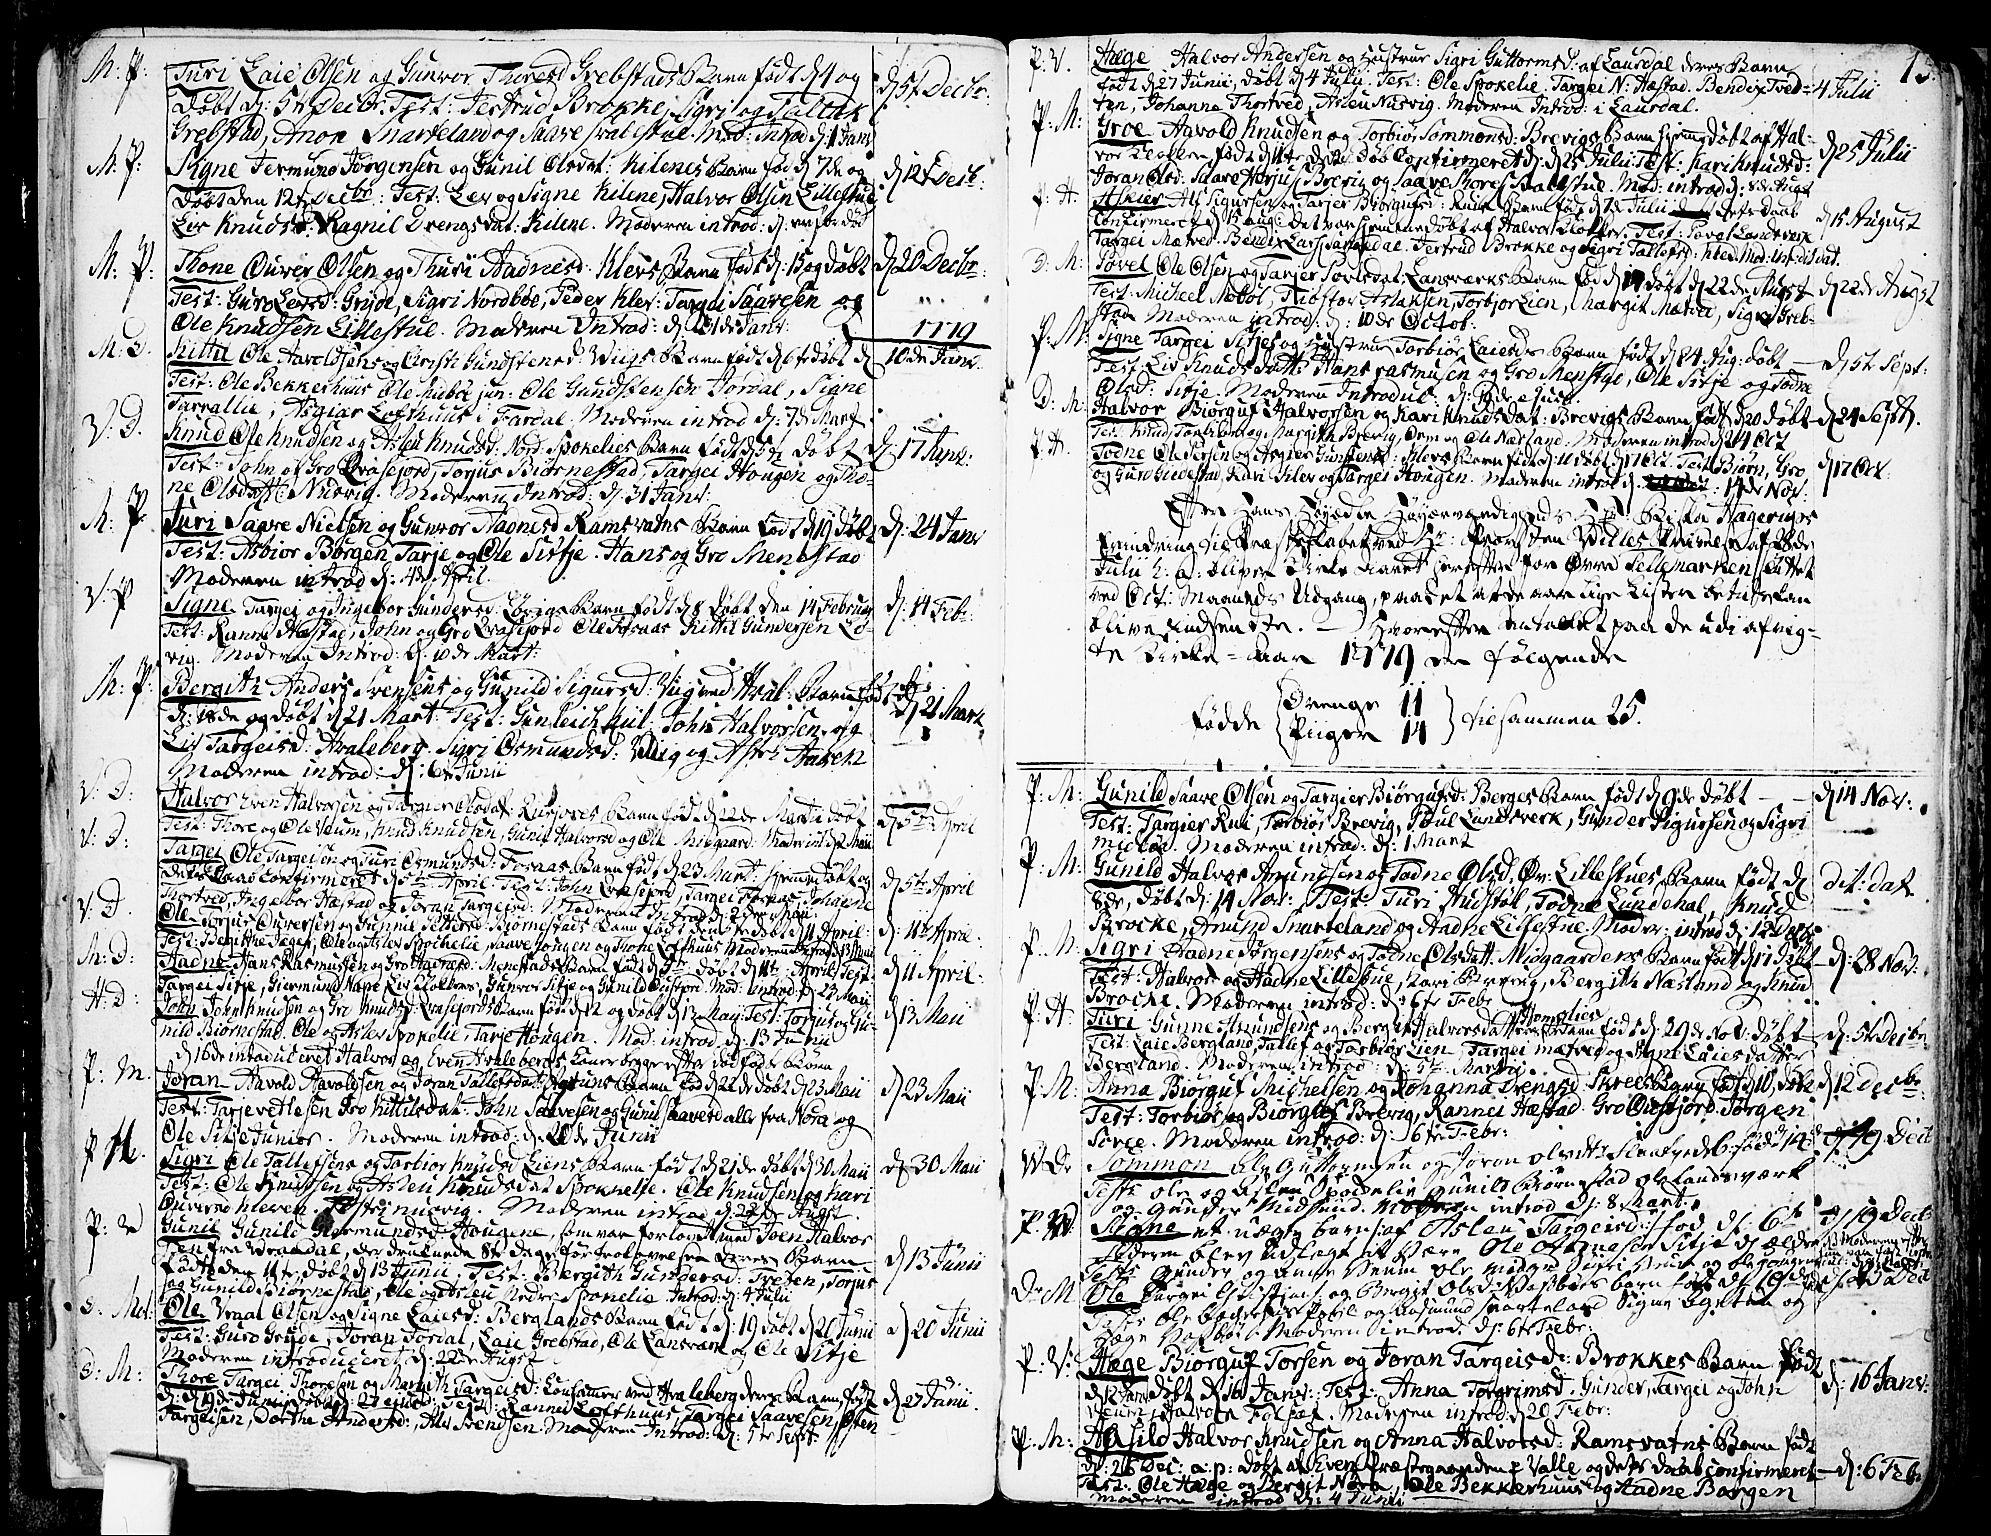 SAKO, Fyresdal kirkebøker, F/Fa/L0002: Ministerialbok nr. I 2, 1769-1814, s. 15